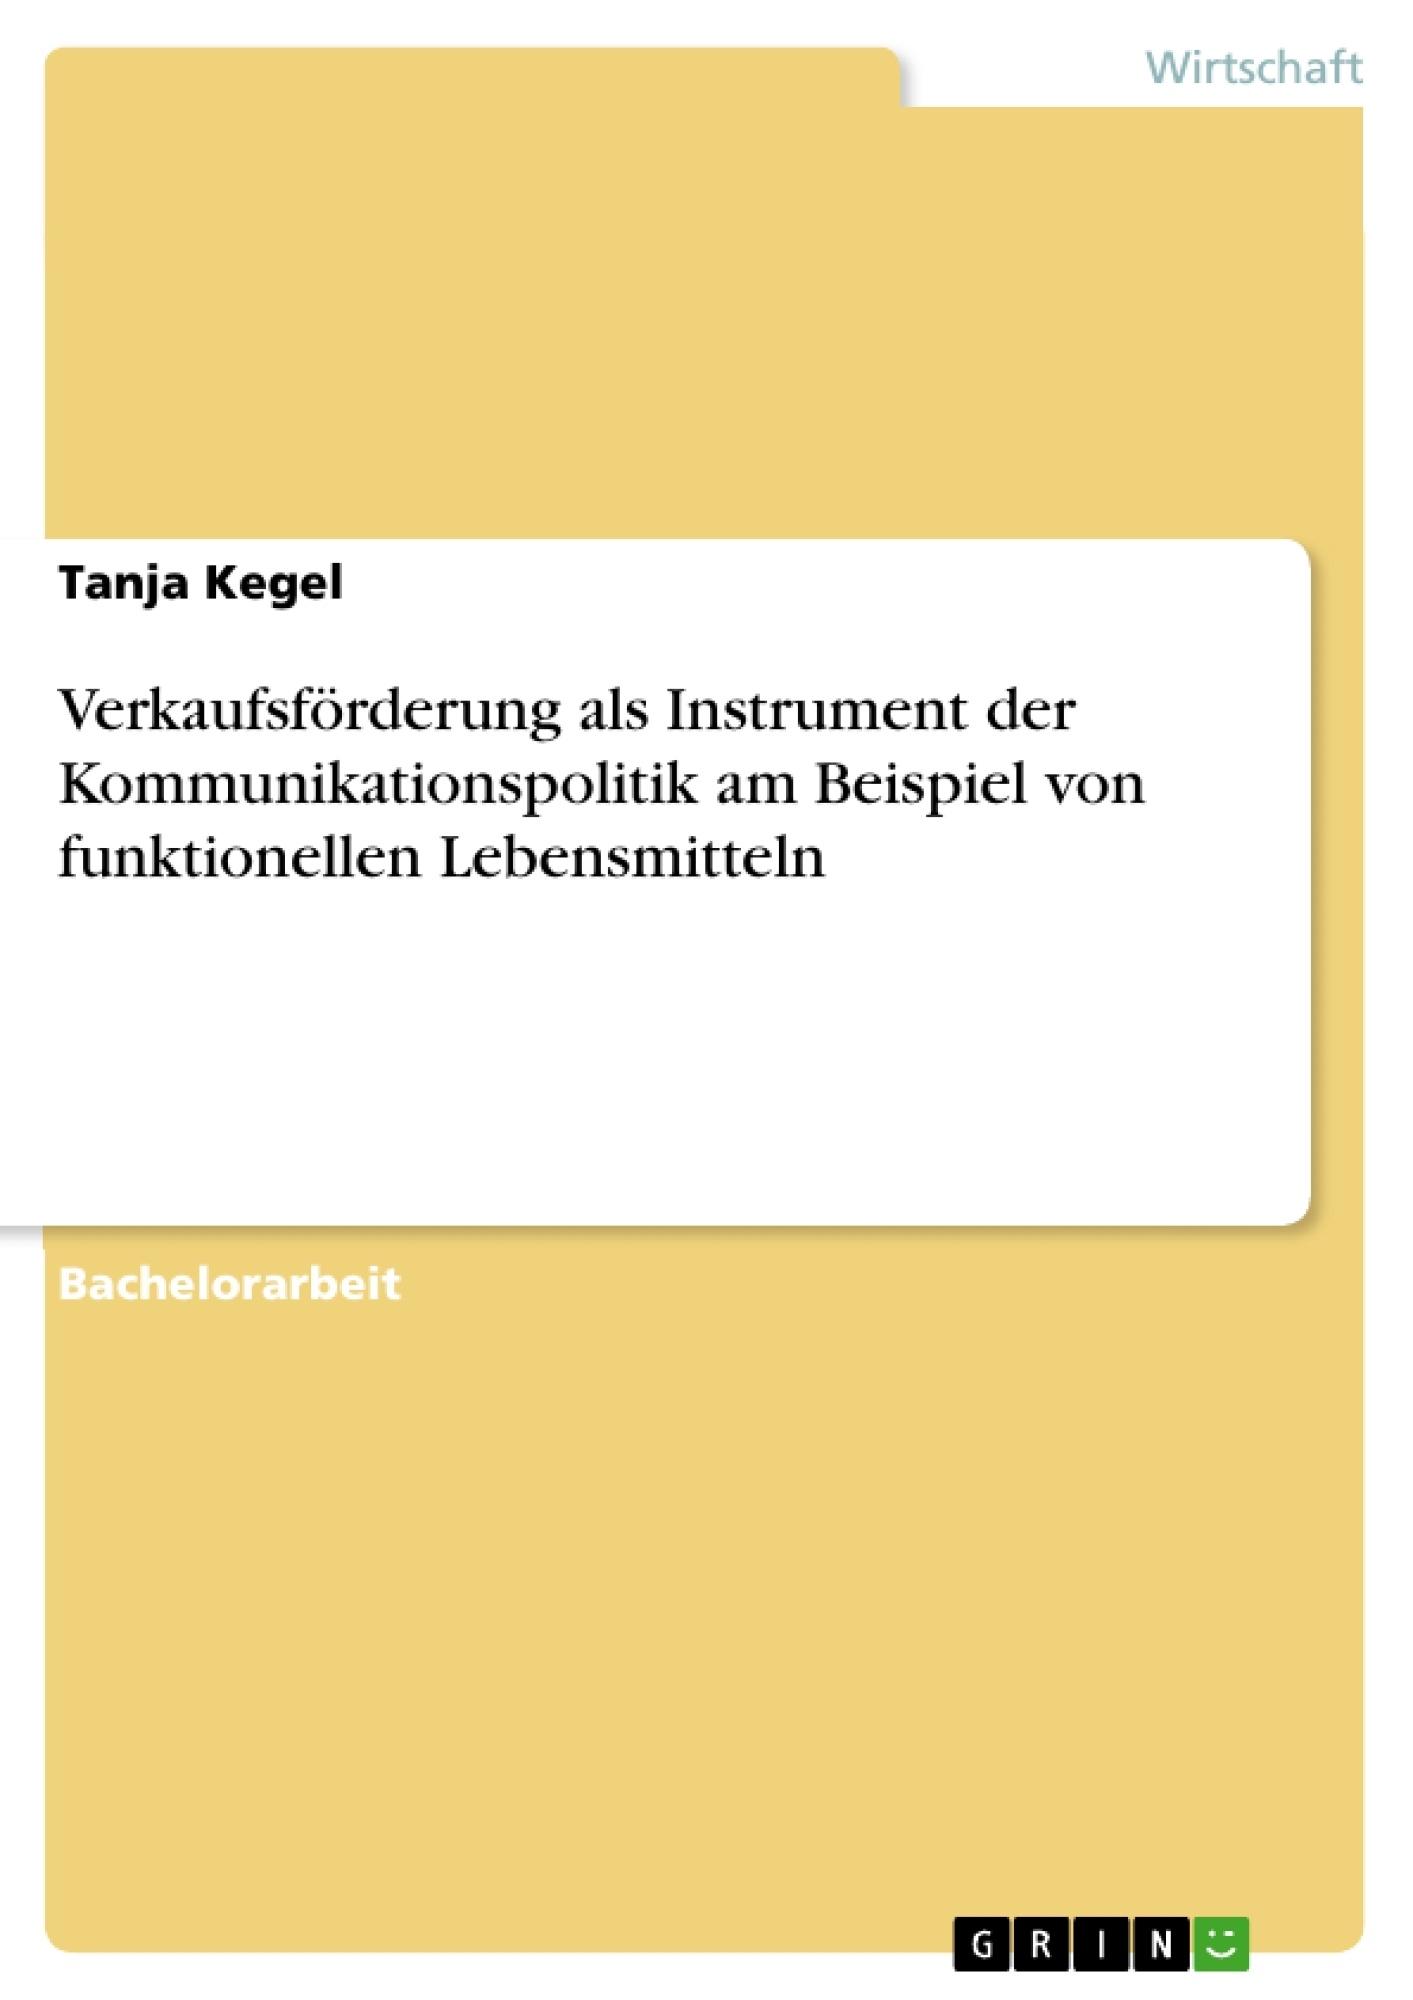 Titel: Verkaufsförderung als Instrument der Kommunikationspolitik am Beispiel von funktionellen Lebensmitteln